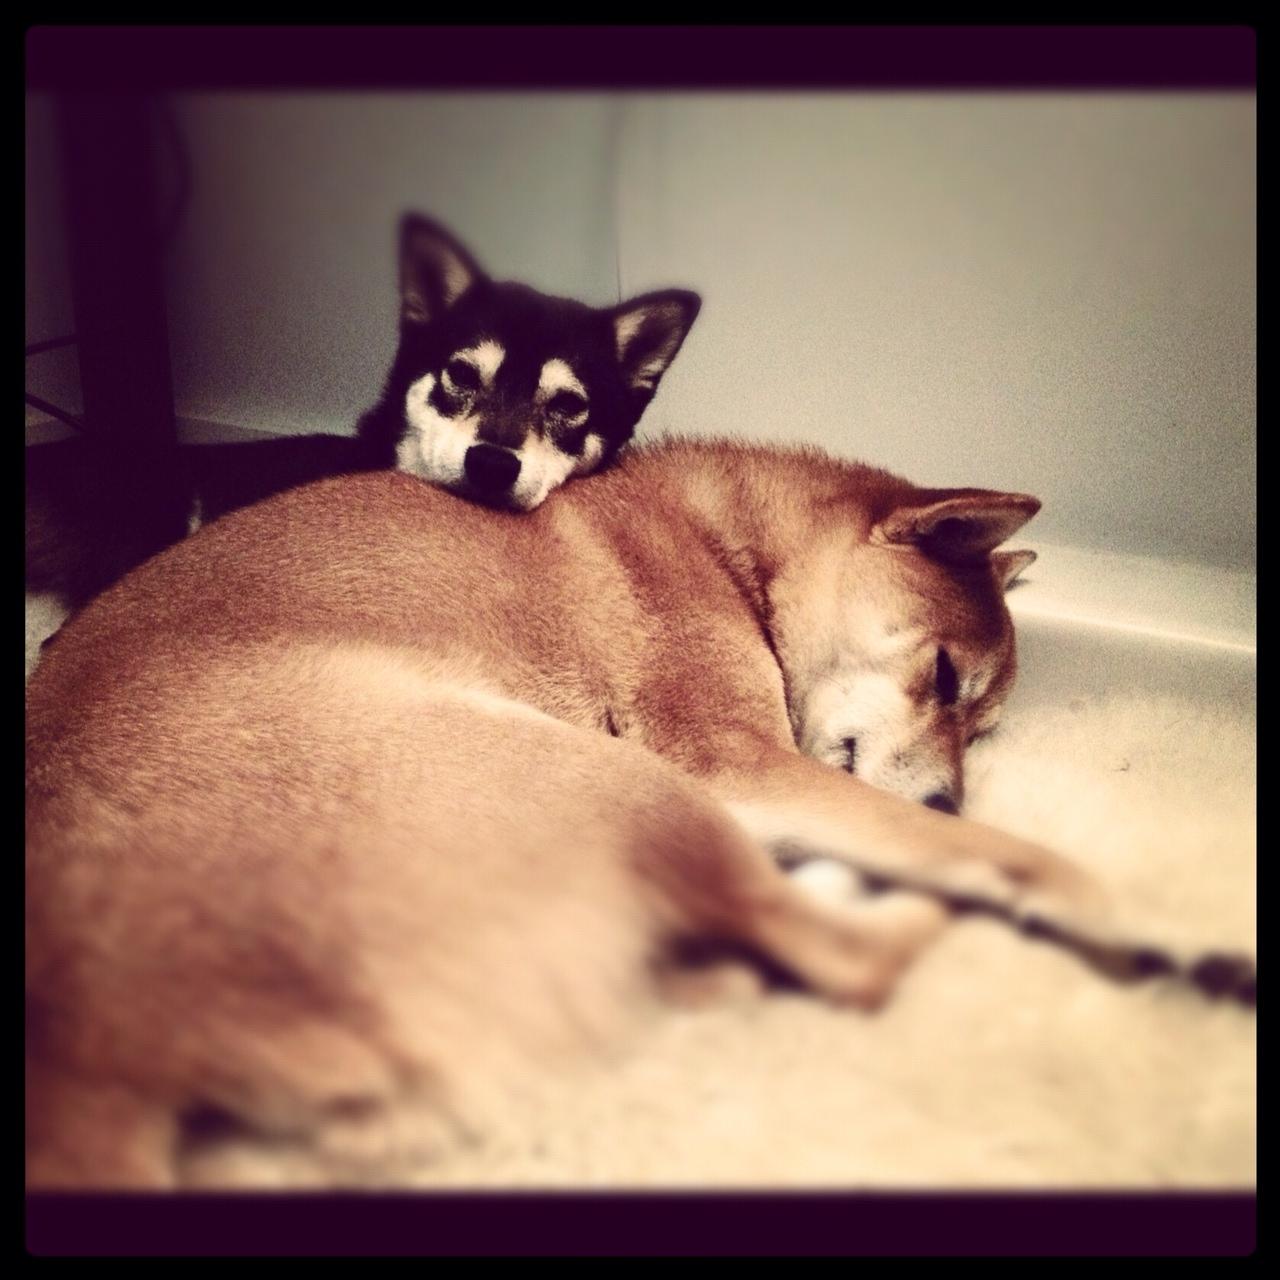 Emi lying on Shio